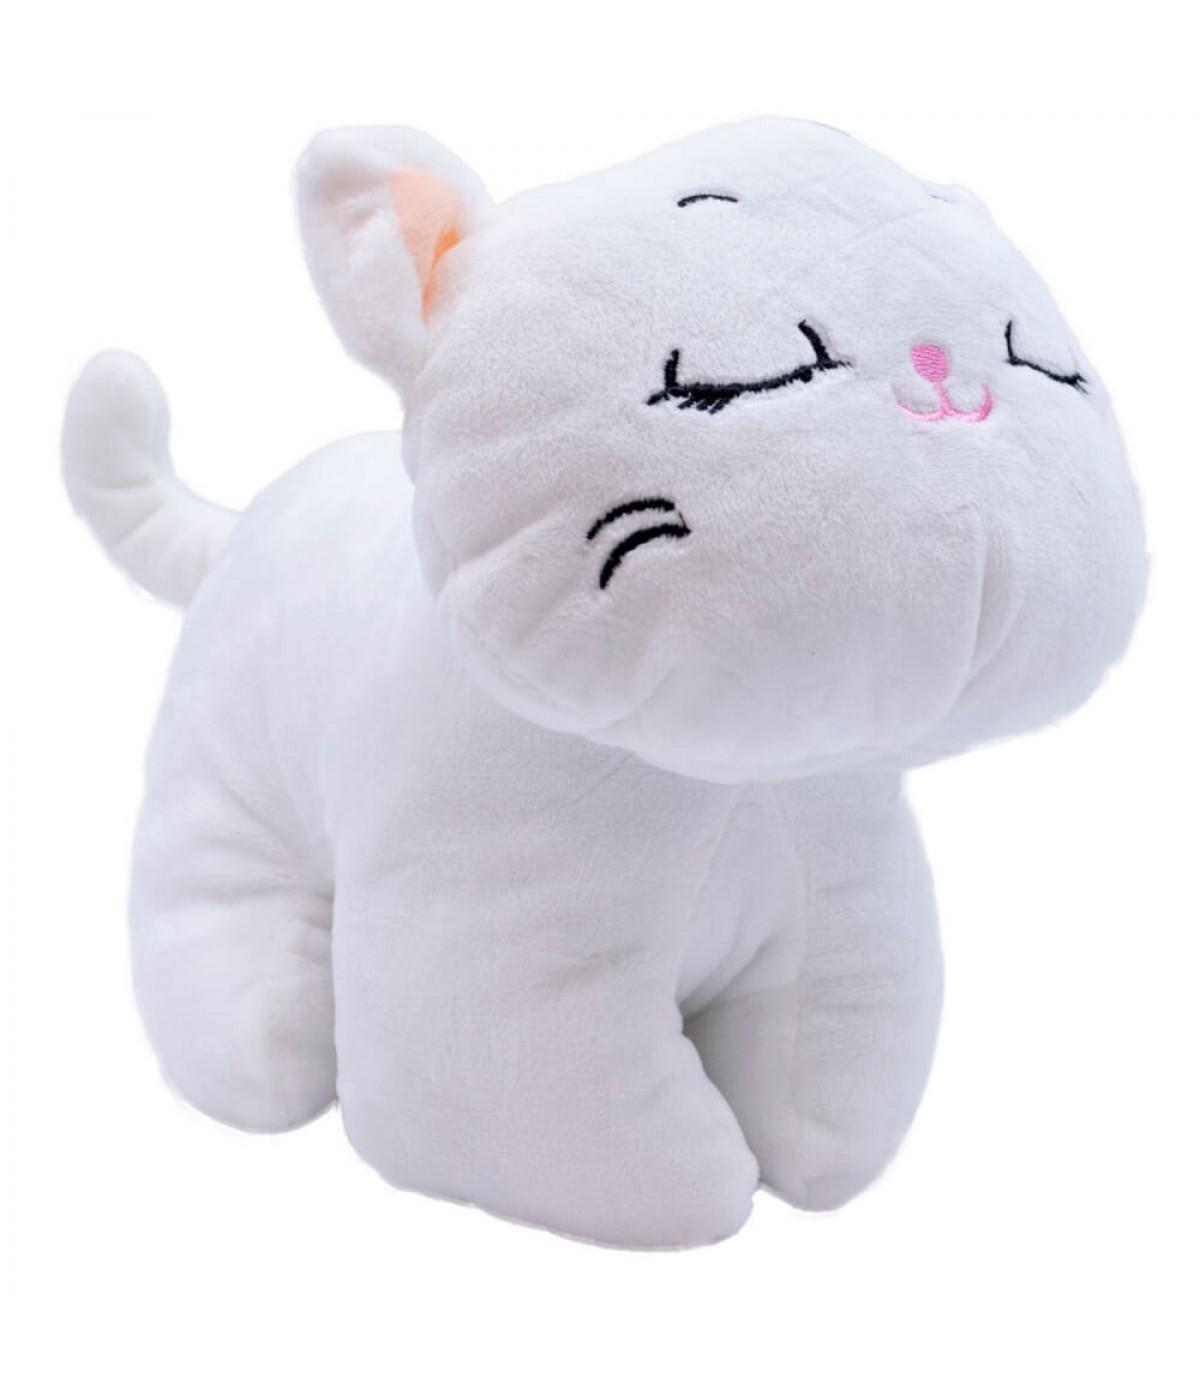 Gato Branco Olhos Fechados 21cm - Pelúcia